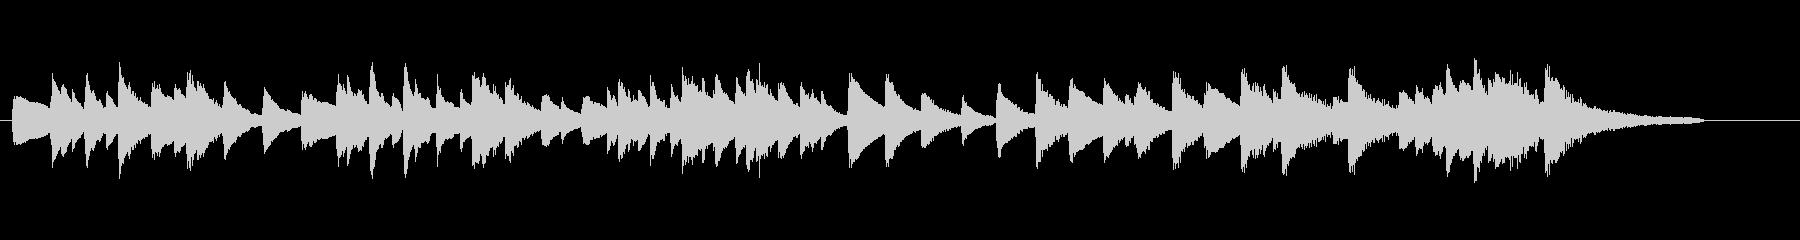 大人・休日・ジャズ・優雅・上品・ピアノの未再生の波形